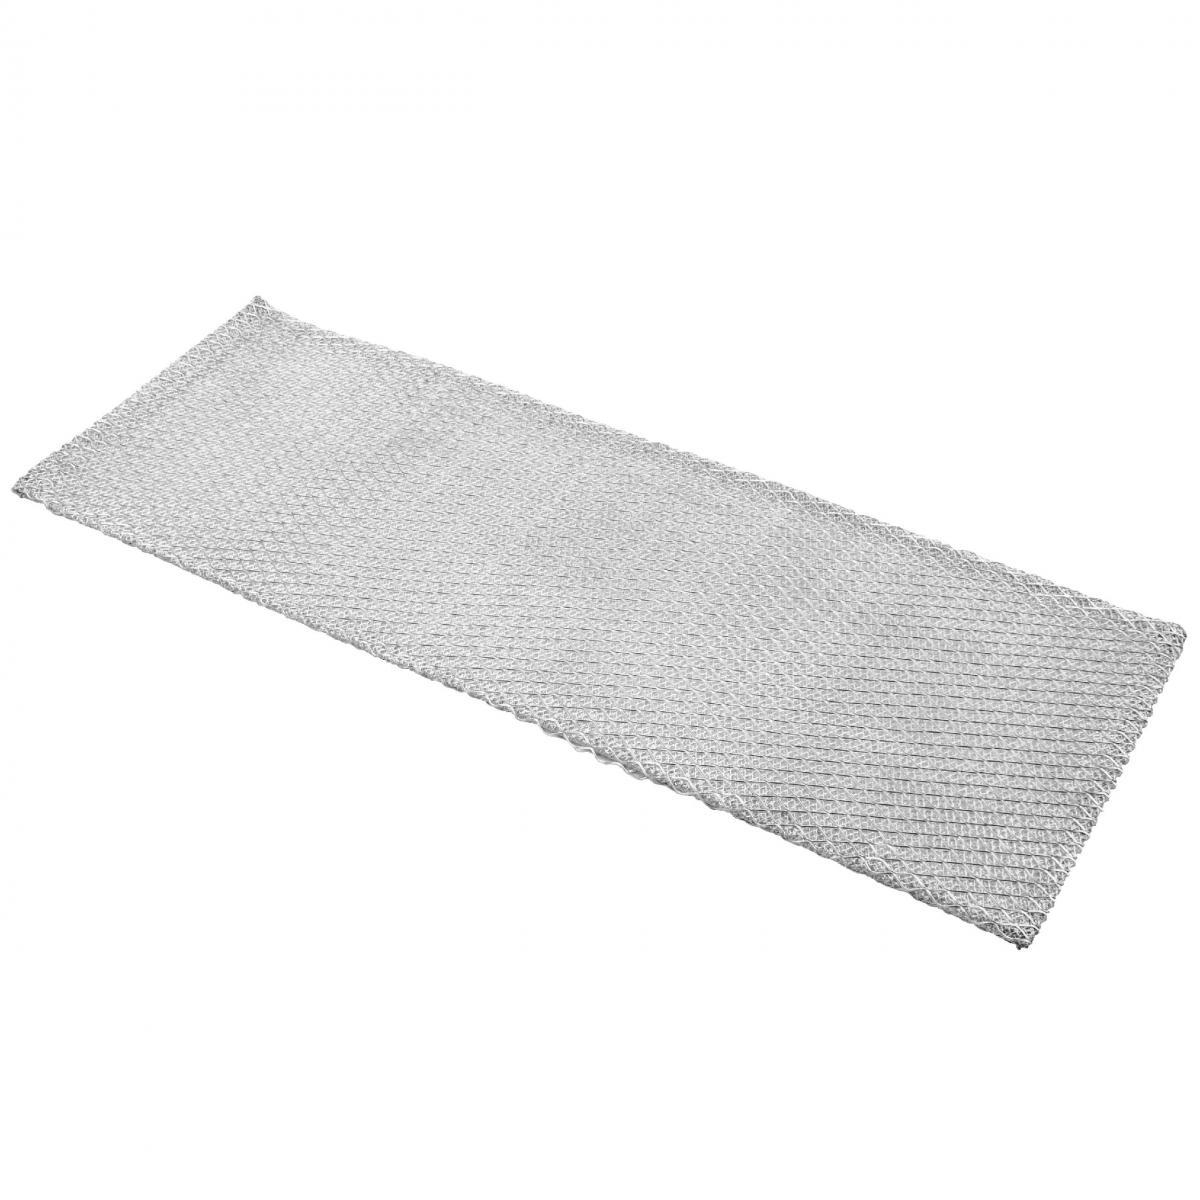 Vhbw vhbw Filtrepermanent filtre à graisse métallique 45,2 x 16 x 0,35 cm convient pour Bauknecht DNI 3260 857415001020 hotte